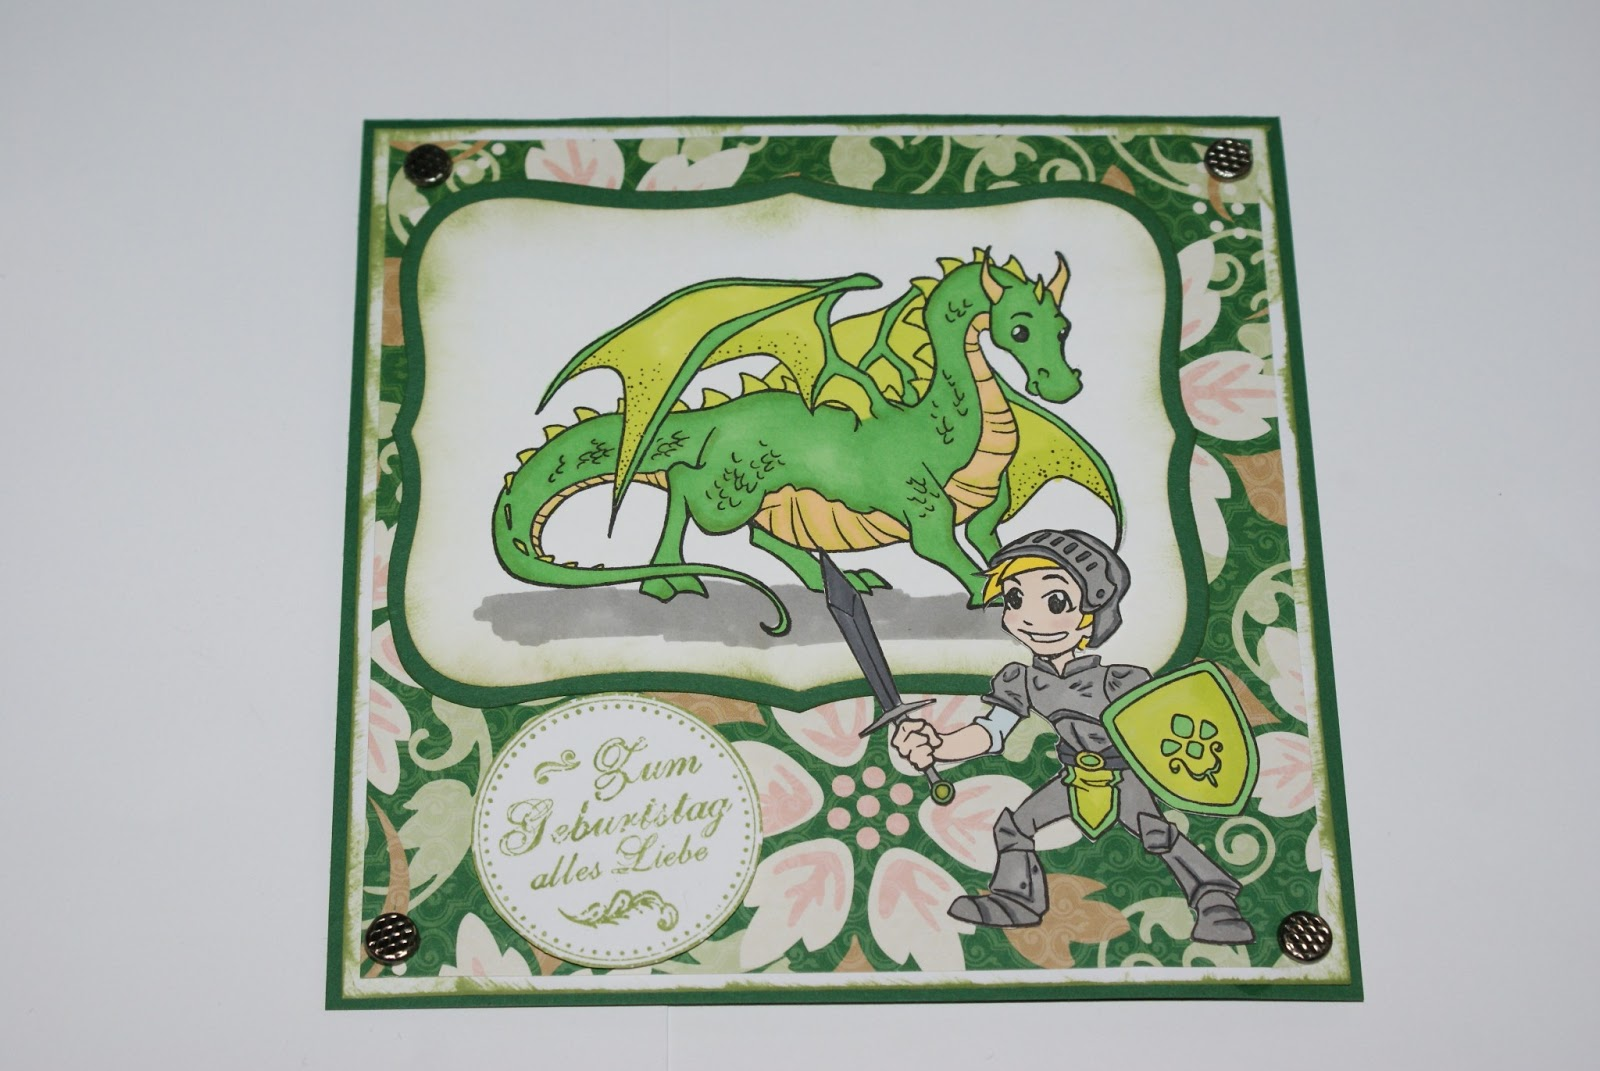 Vampirschmetterlings Basteleck: Geburtstagskarte für einen Ritter